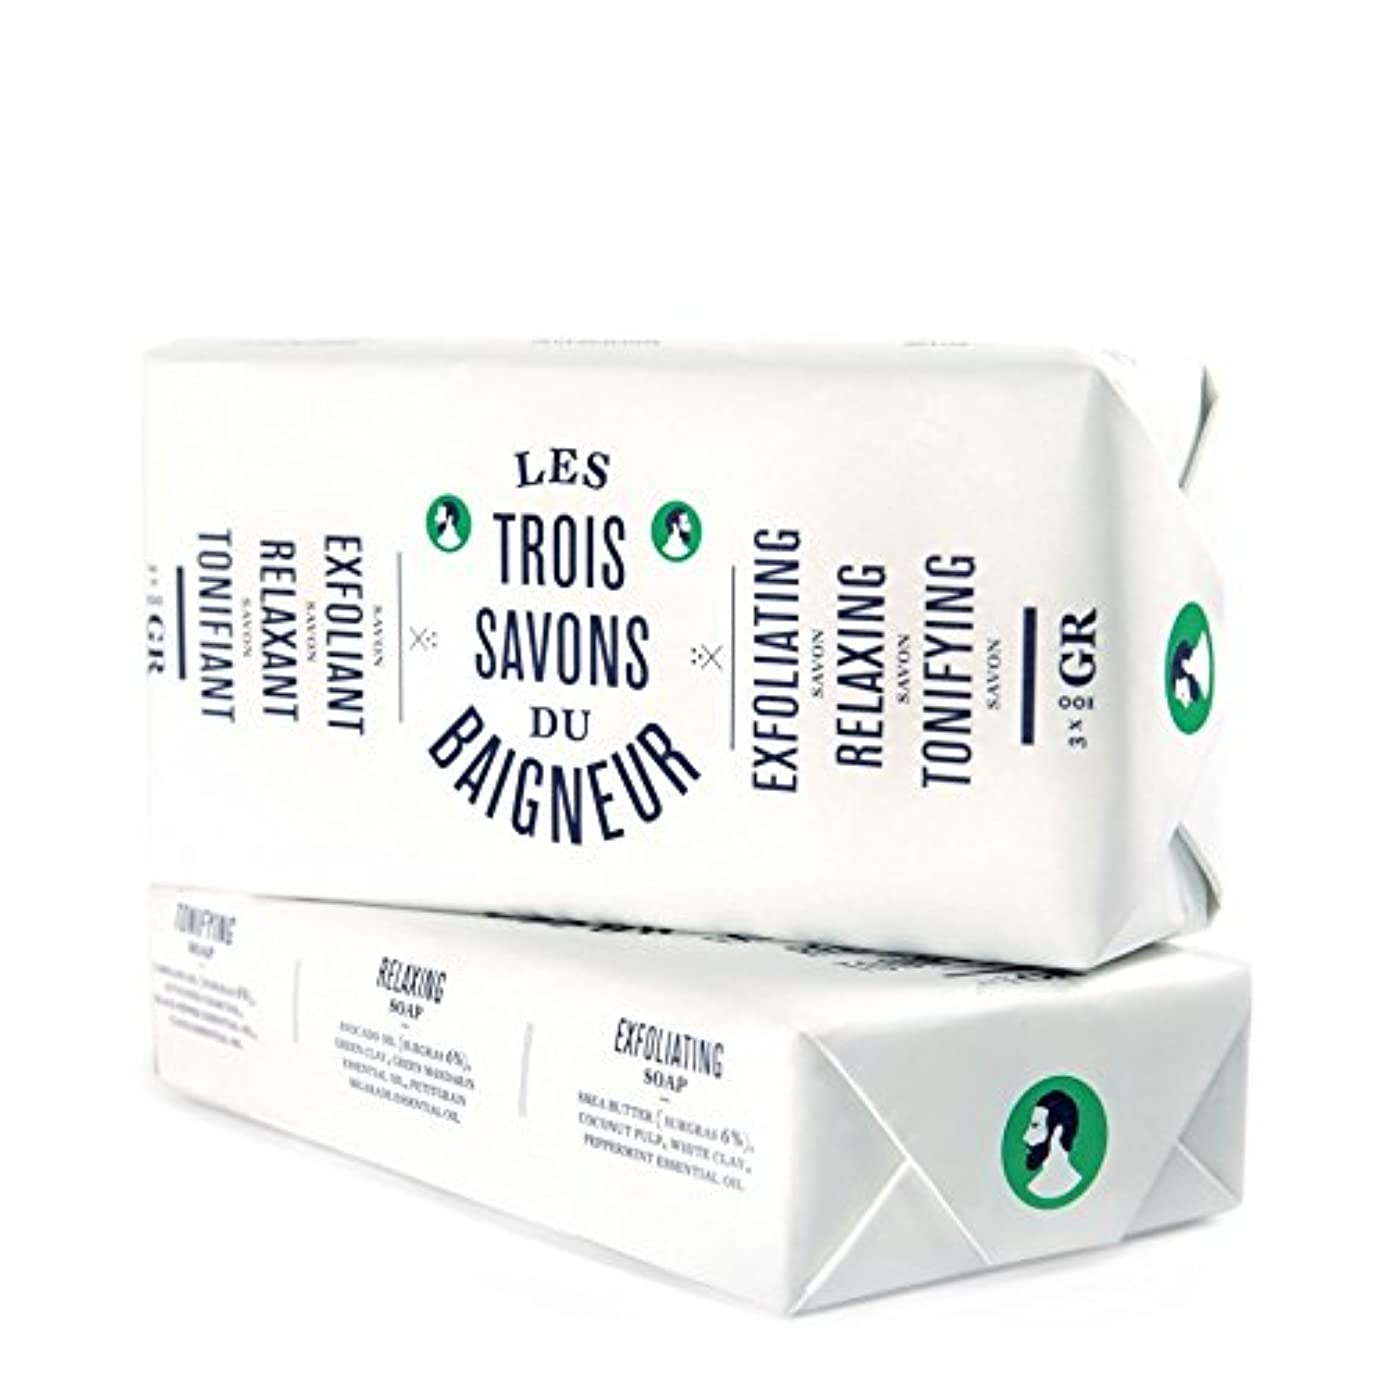 強い死の顎協力的ル石鹸セット300グラム x2 - Le Baigneur Soap Set 300g (Pack of 2) [並行輸入品]